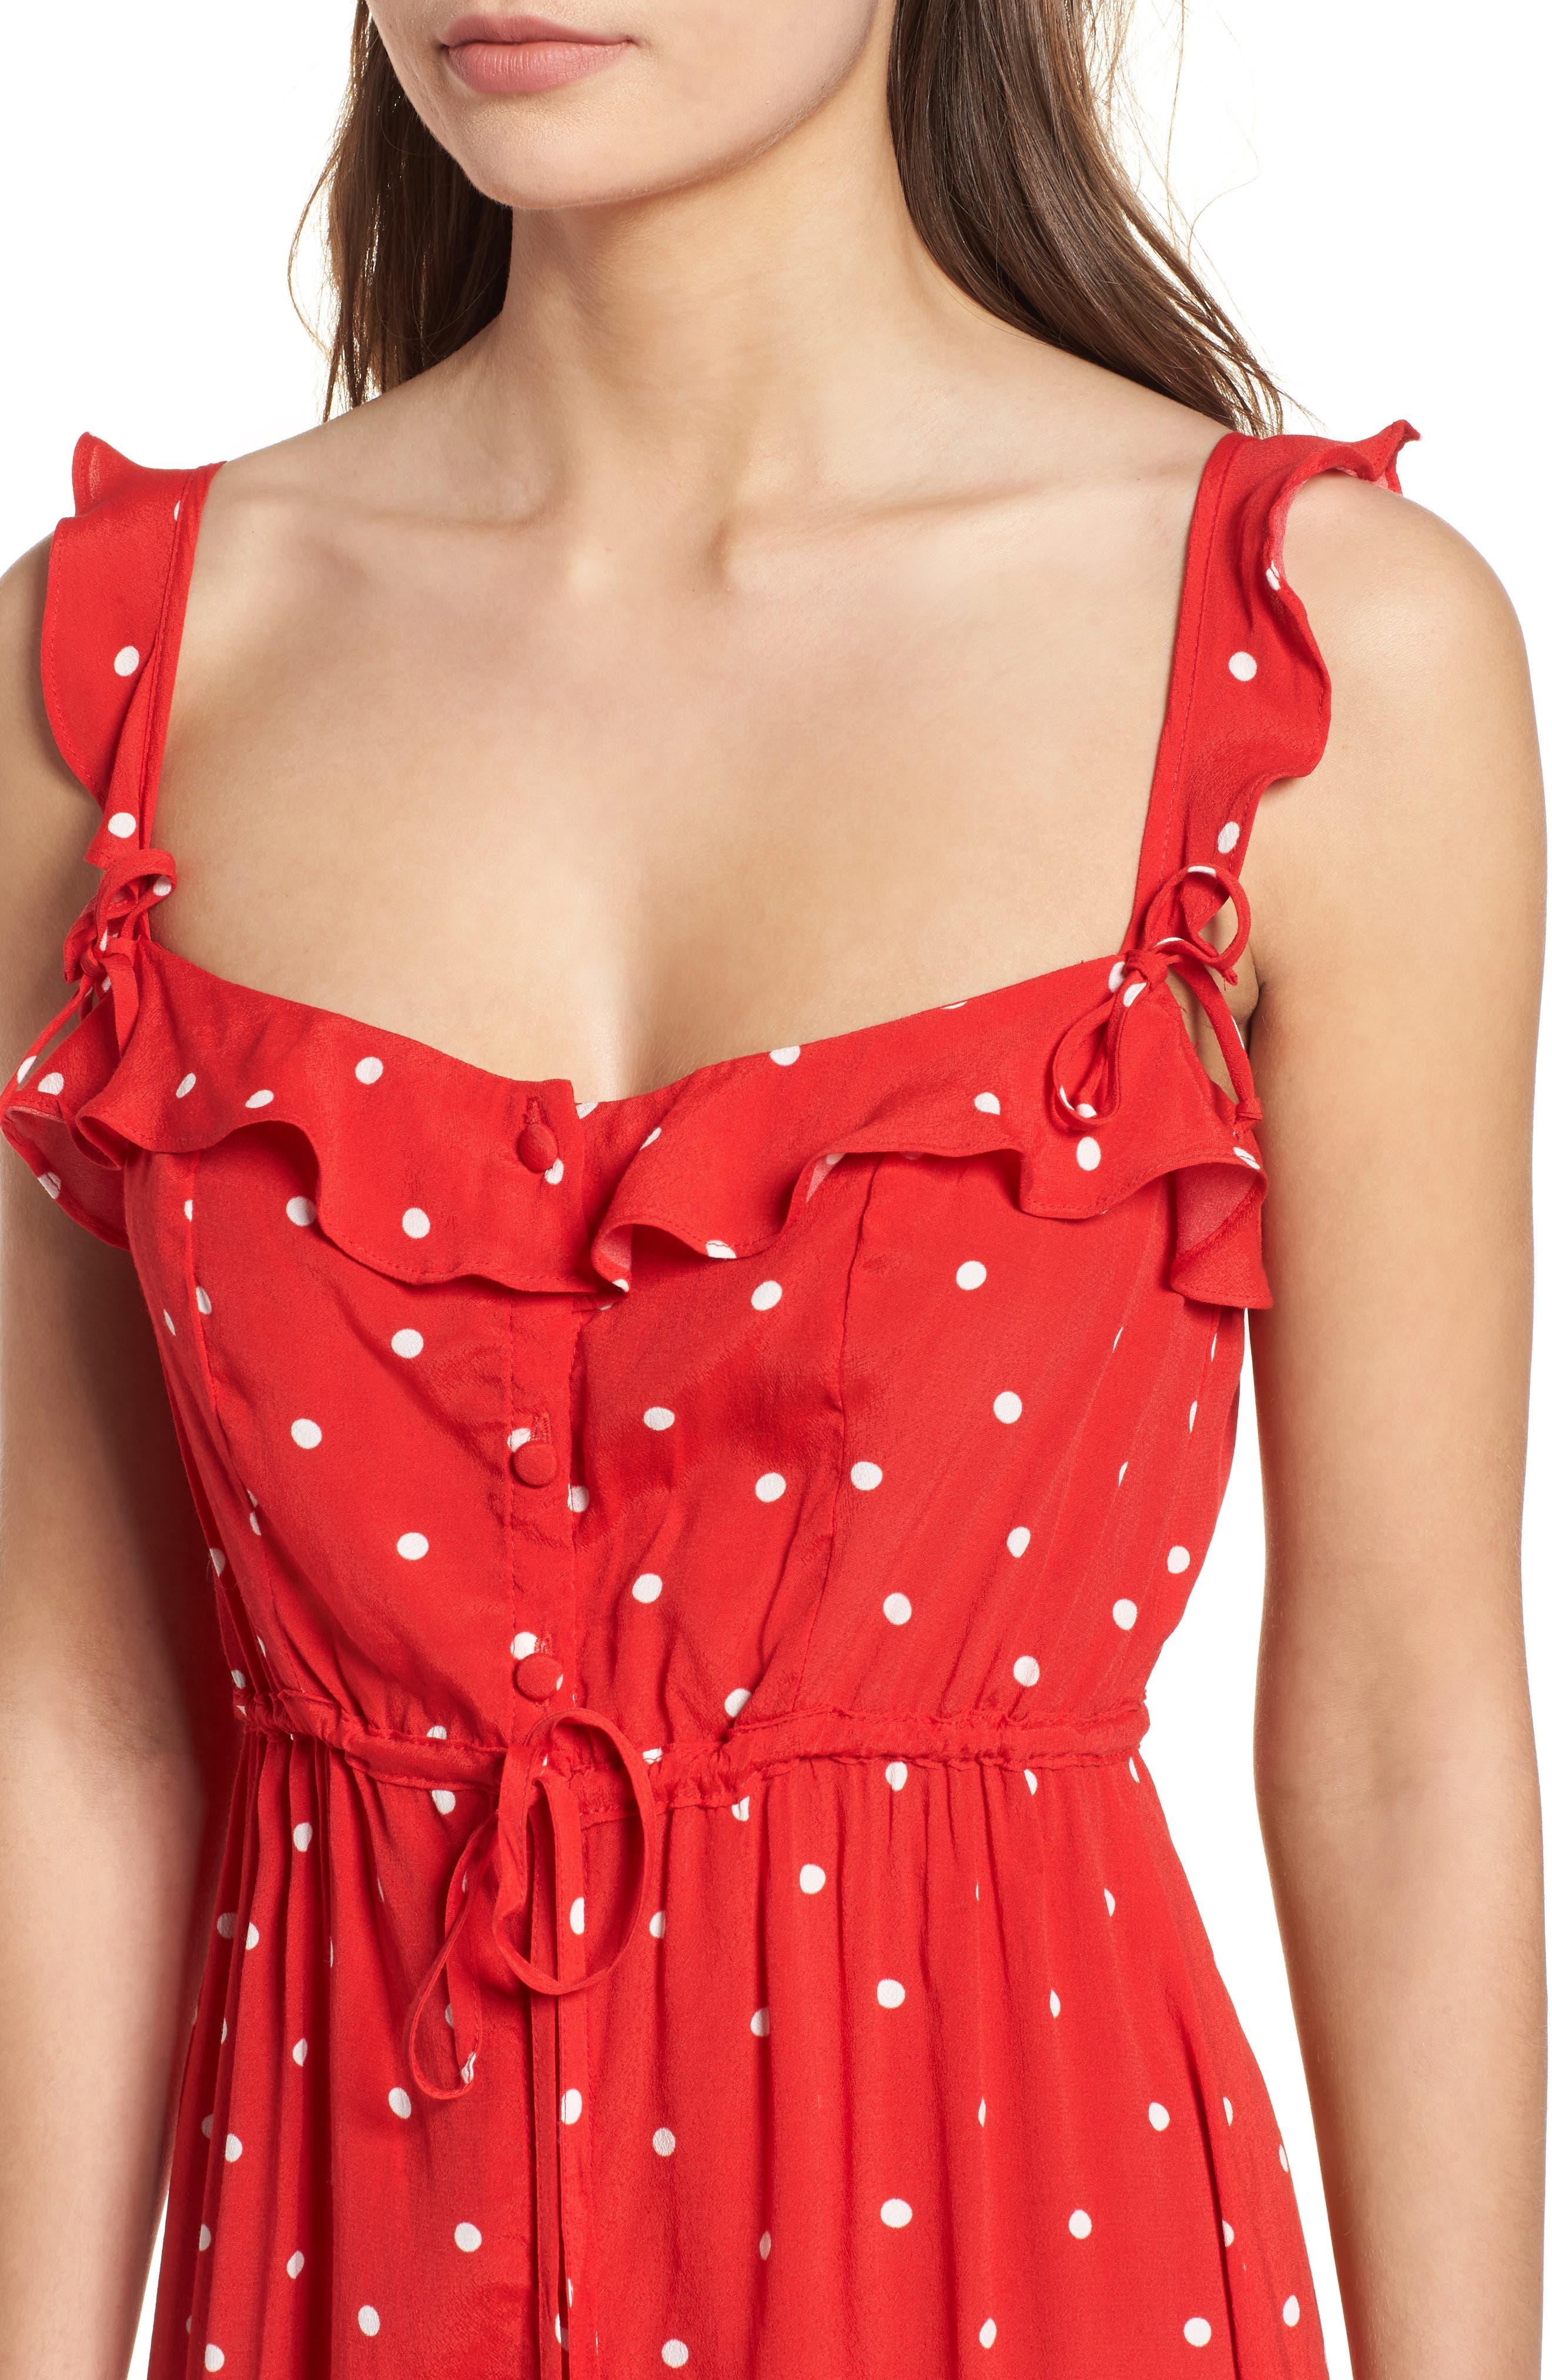 Natalia Midi Dress,                             Alternate thumbnail 4, color,                             Red Dot